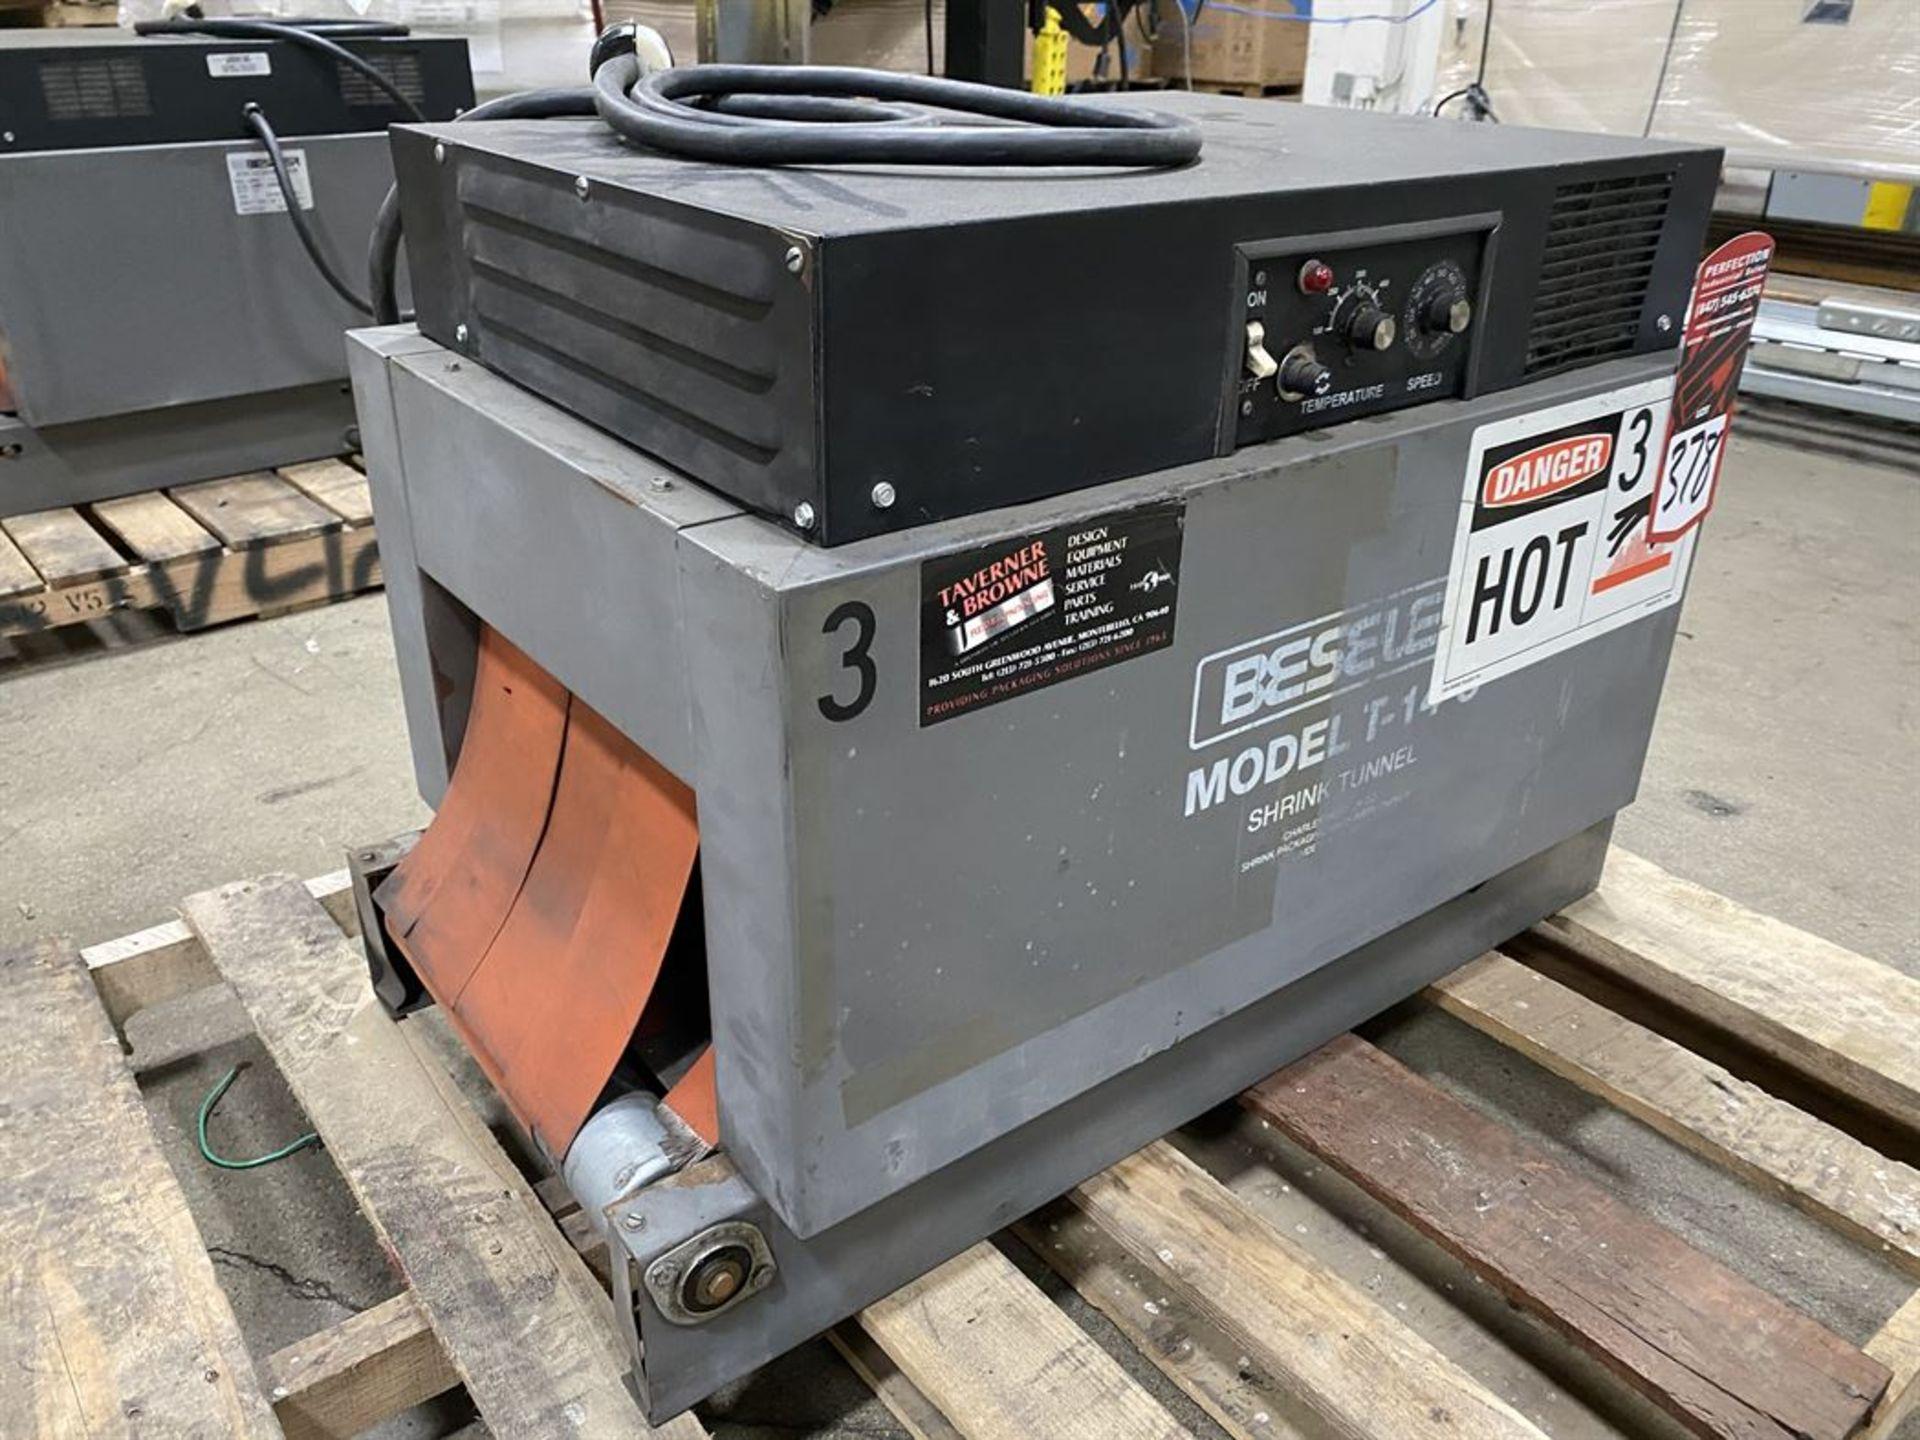 Lot 378 - Beseler T-14-8-D Heat Shrink Machine, s/n 11950945